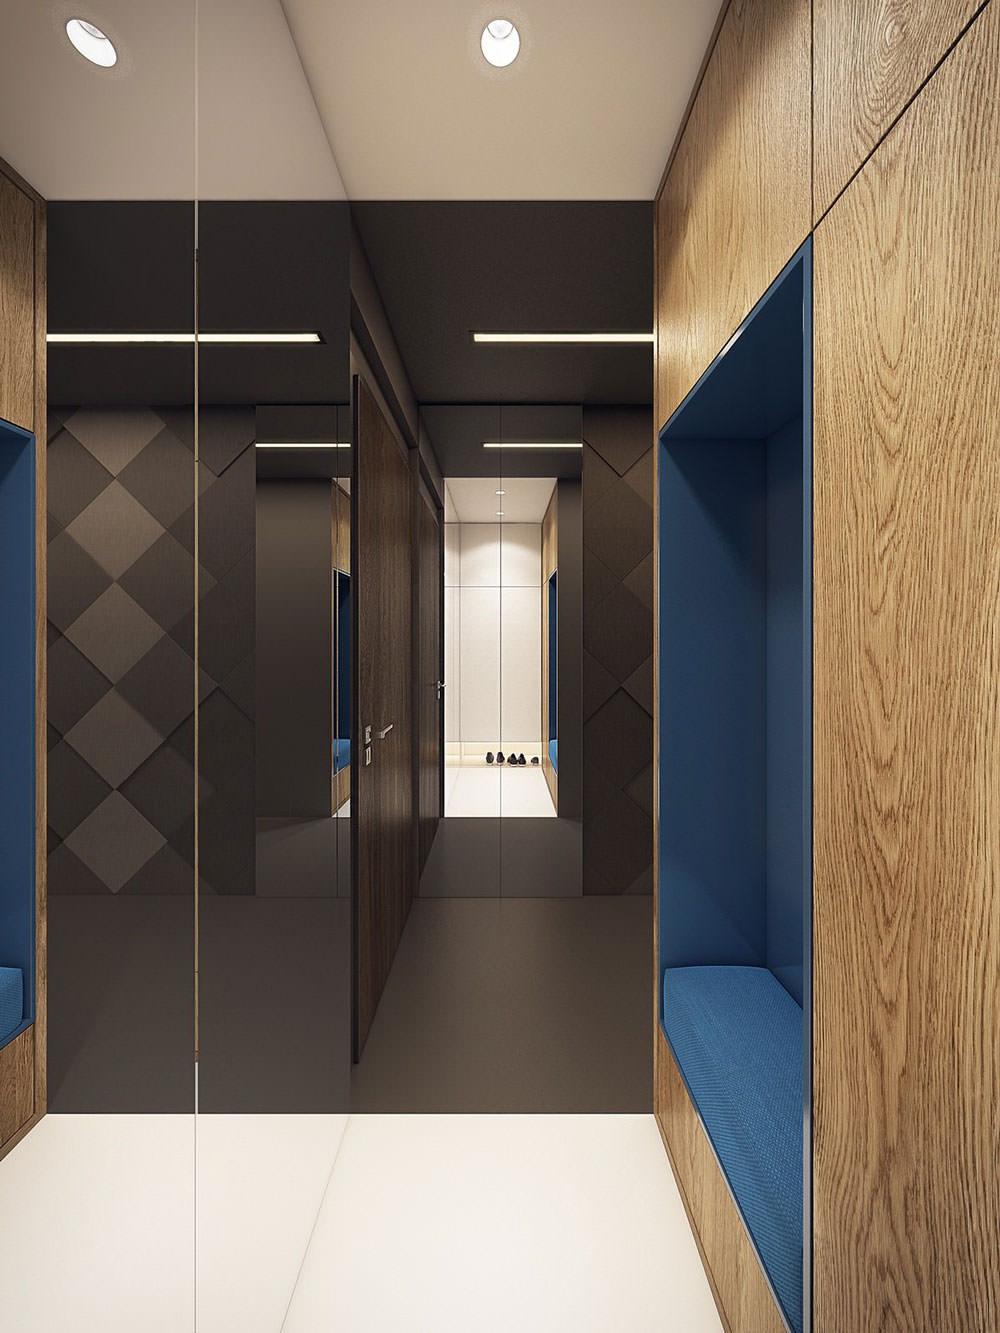 Architettura Case Moderne Idee stupendo appartamento moderno, elegante e drammatico